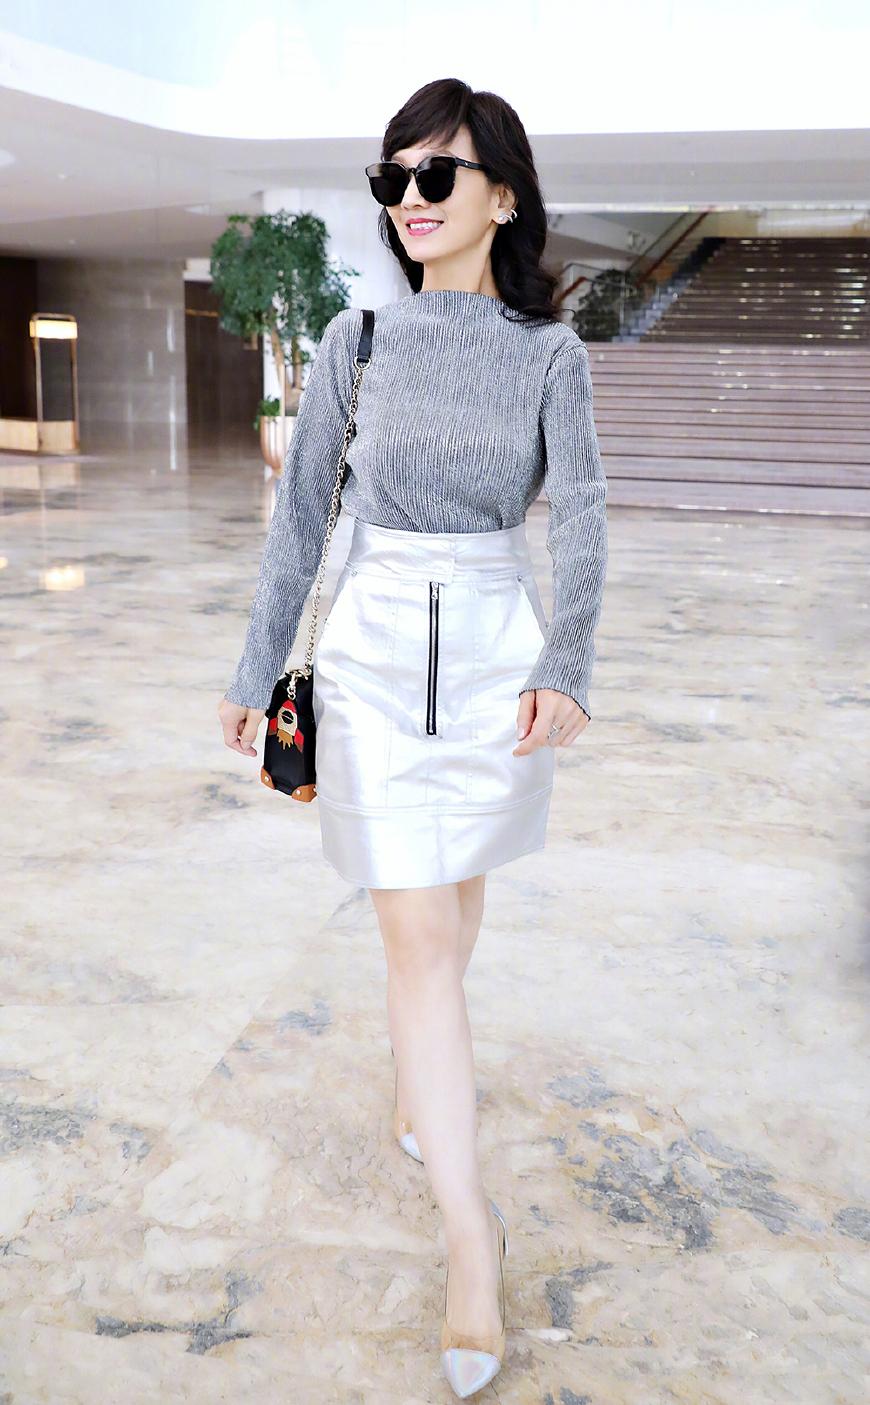 奶奶辈的刘晓庆赵雅芝如今靠腿逆袭,美腿线条一点不像60多的人